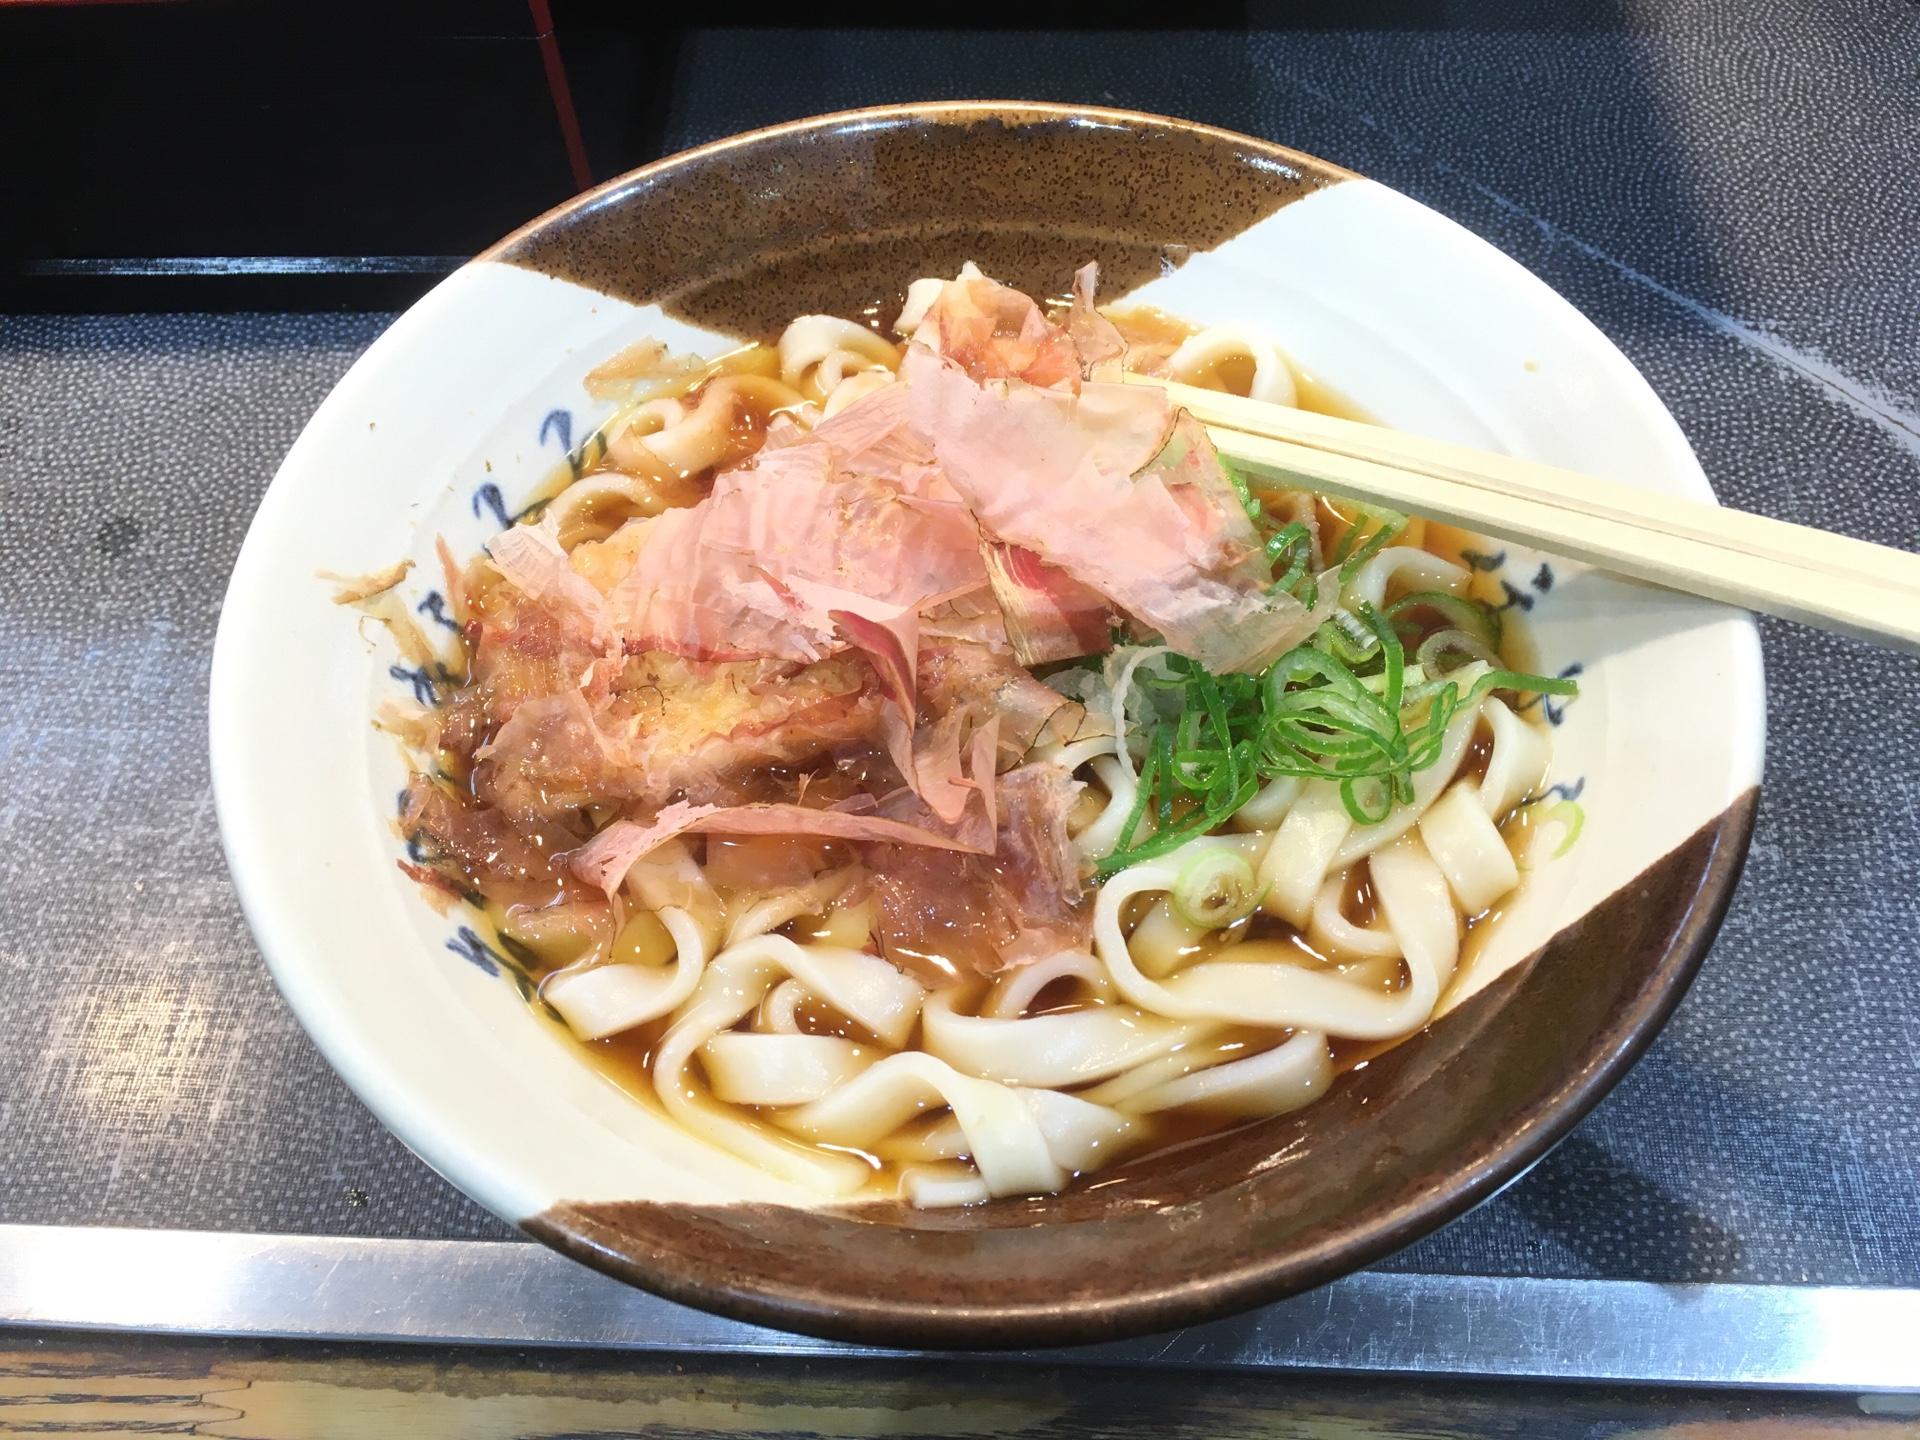 Nagoya, Japan food culture is wonderful.